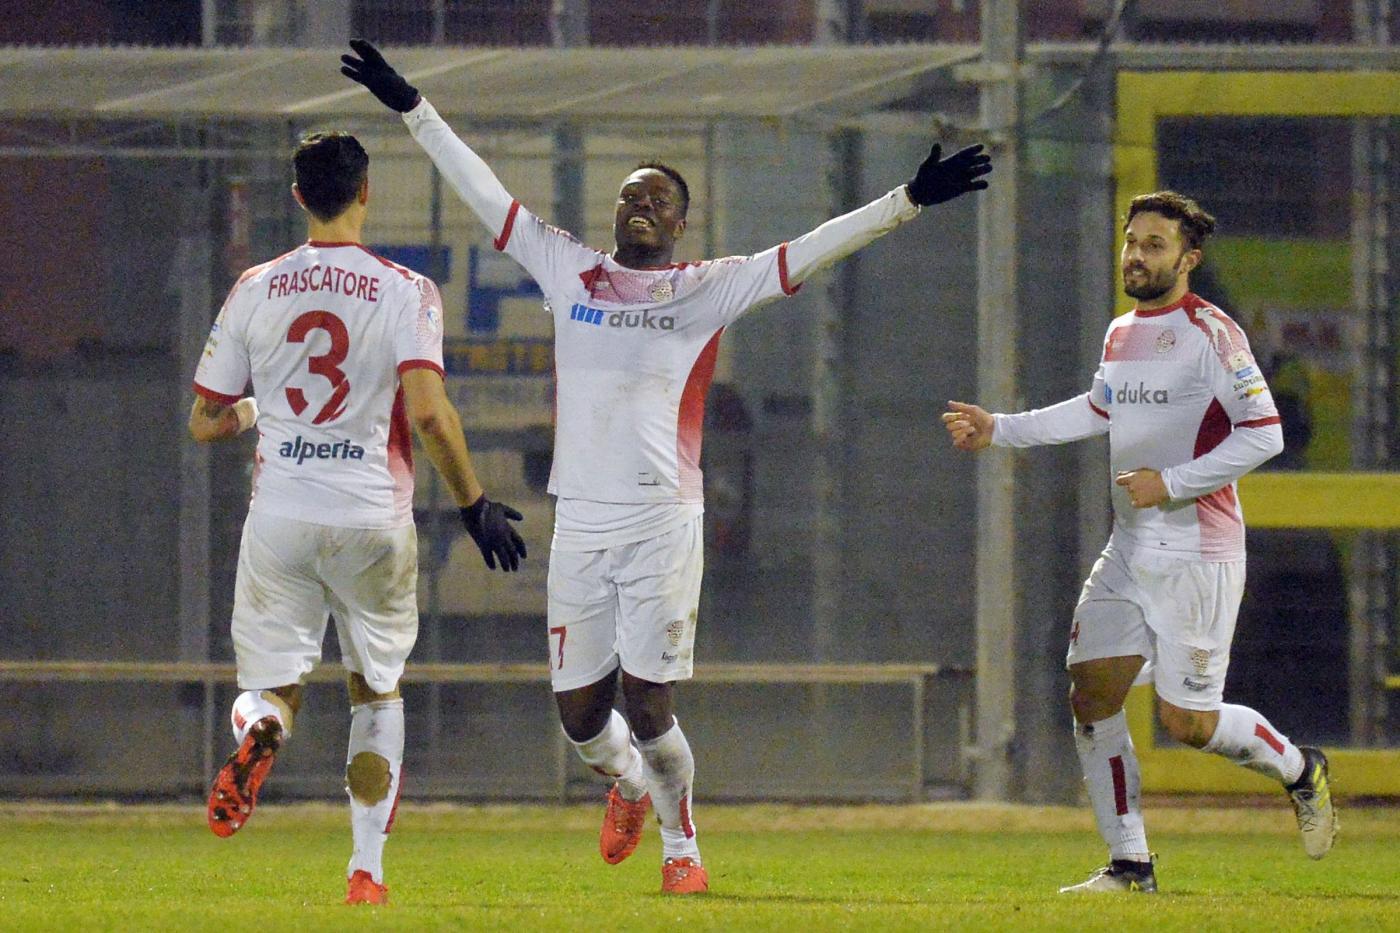 Serie C, Sudtirol-Vitus Verona sabato 26 gennaio: analisi e pronostico della 23ma giornata della terza divisione italiana